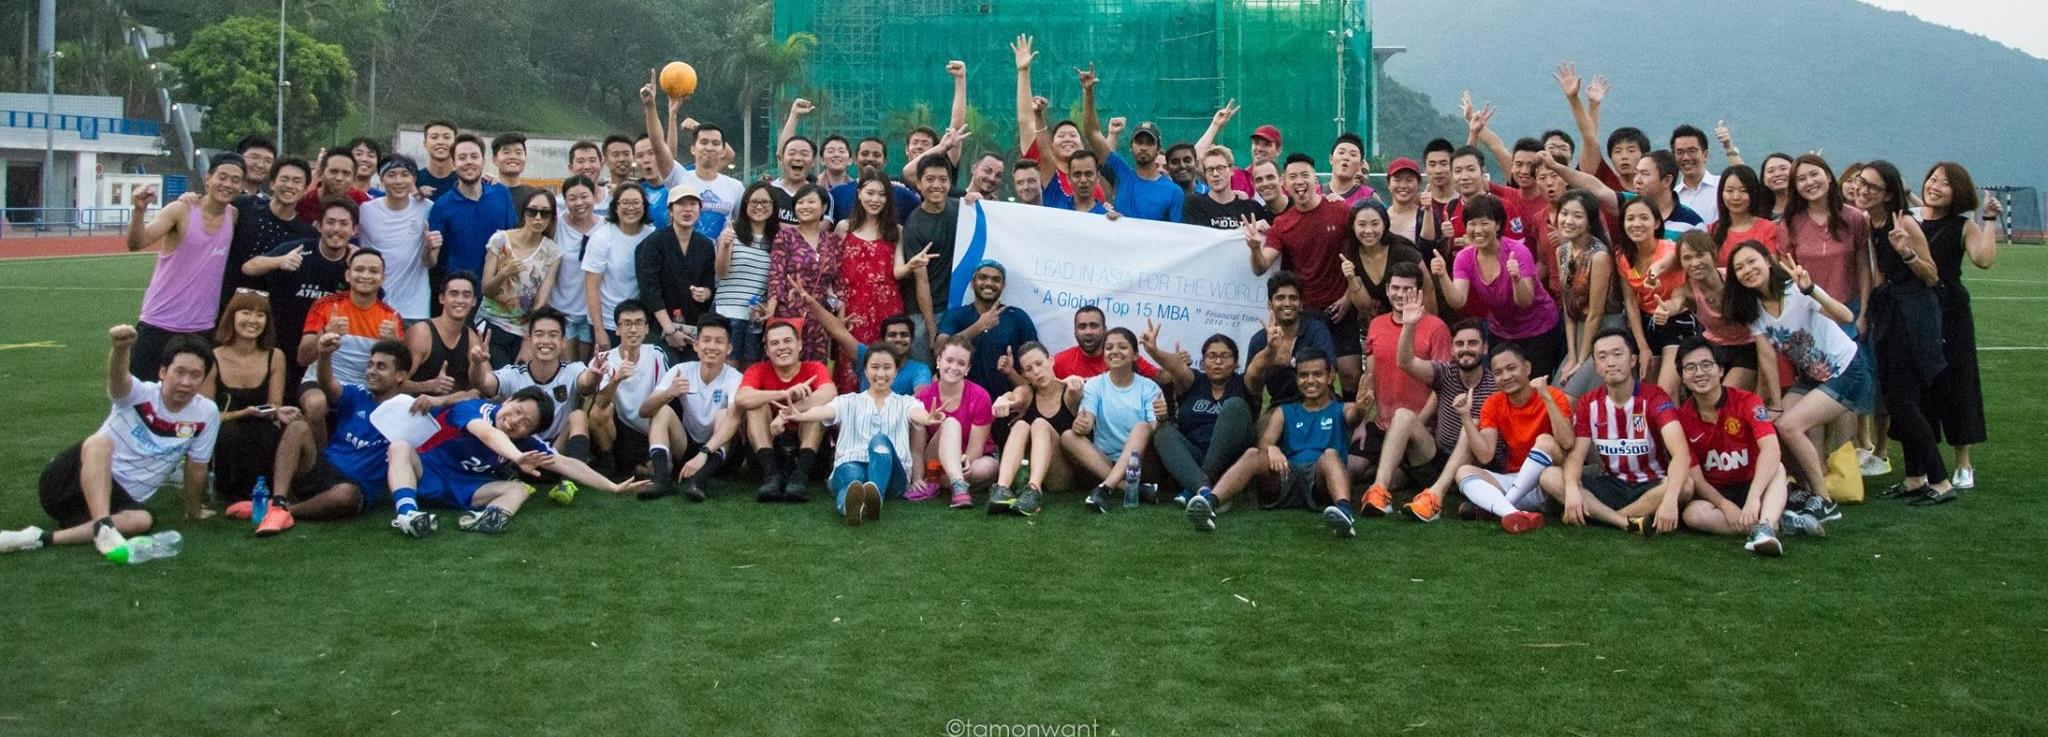 Intake 2017 participating at the inaugural jUSTforKicks International Football Tournament